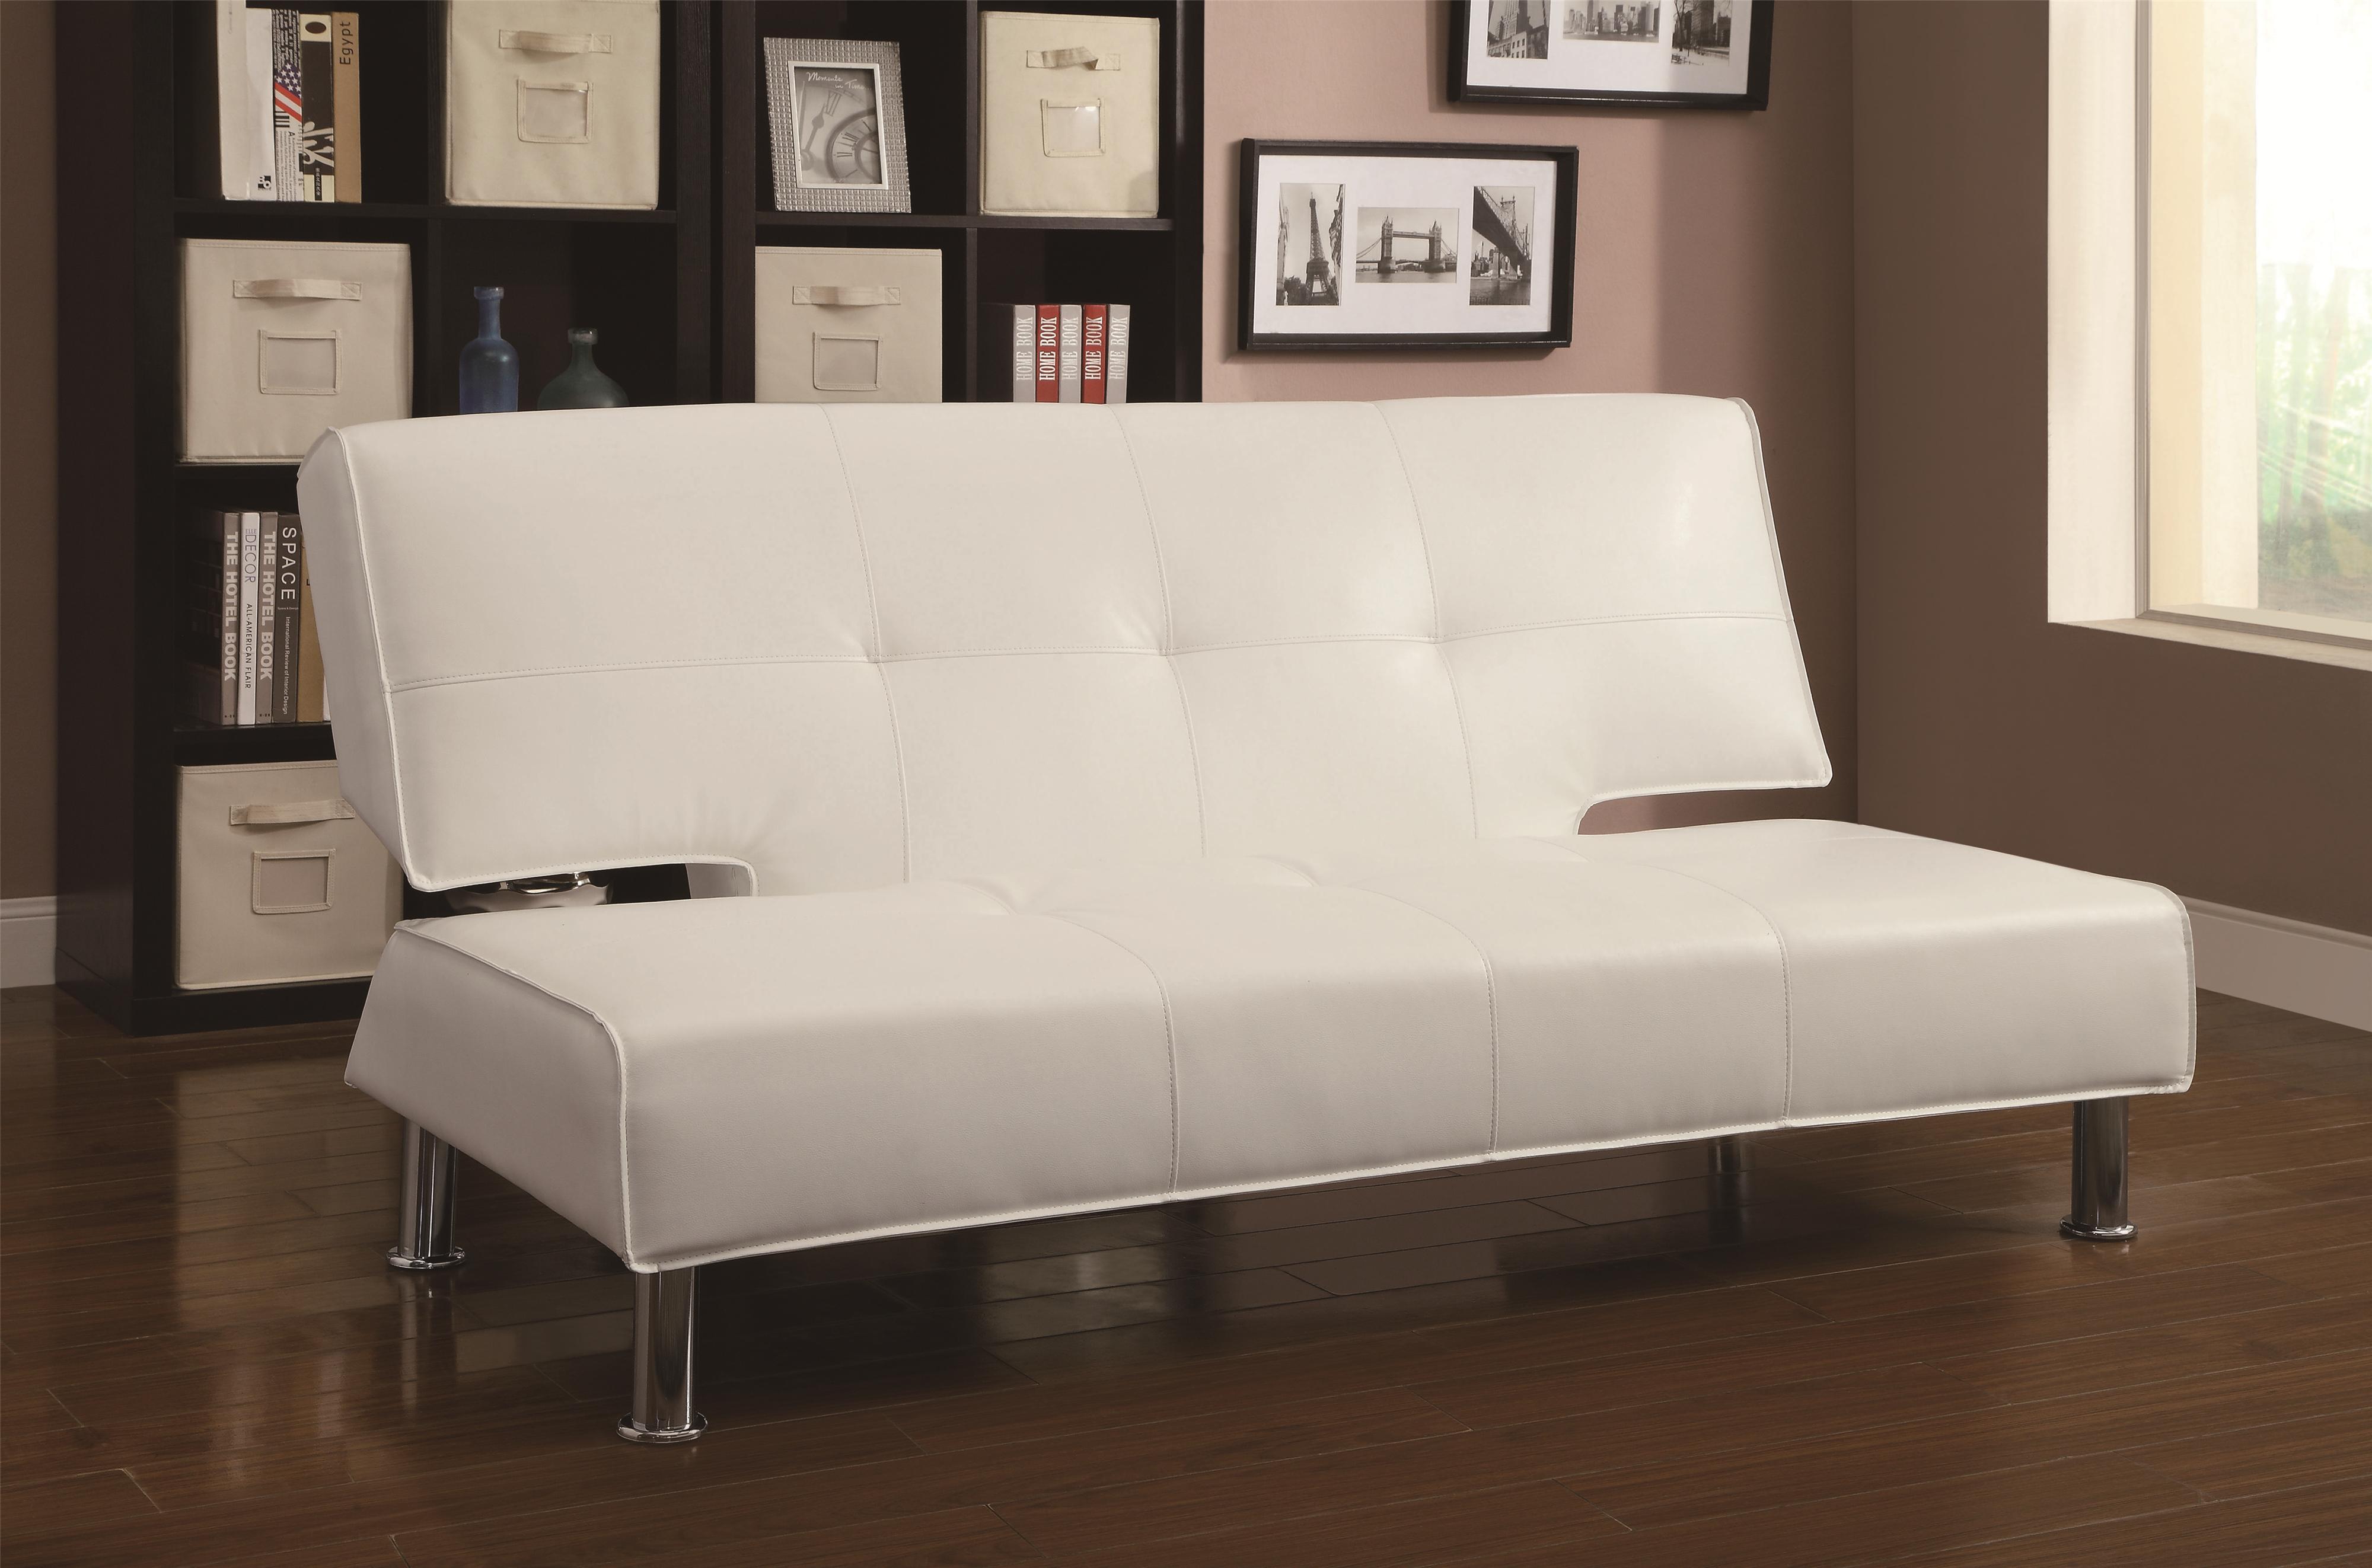 Coaster Sofa Beds and Futons -  Sofa - Item Number: 300296